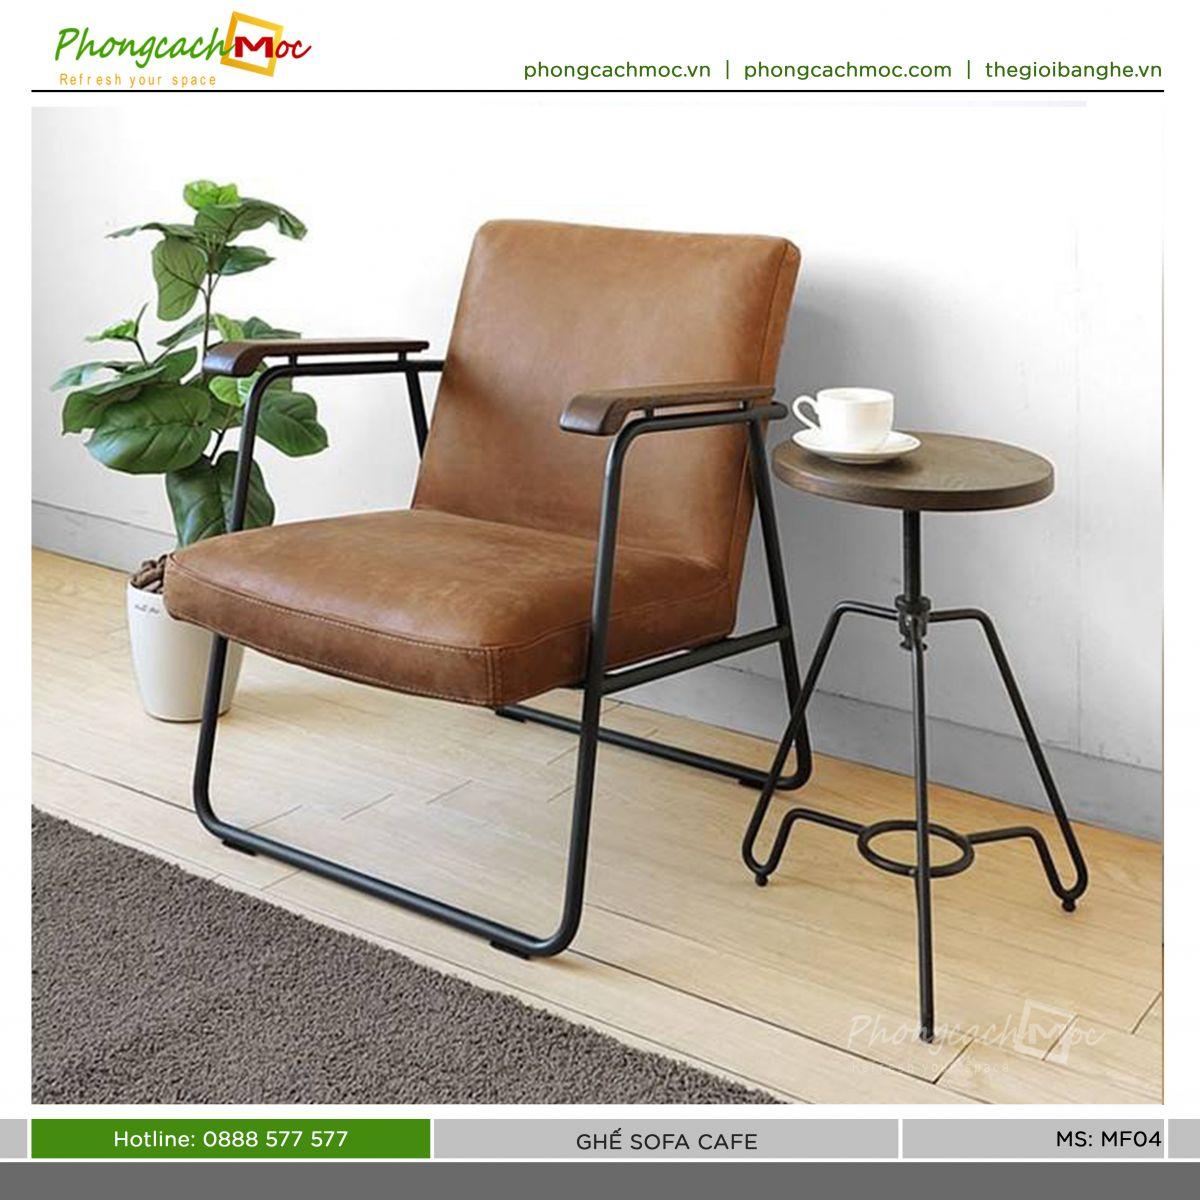 ghe-sofa-cafe-mf04